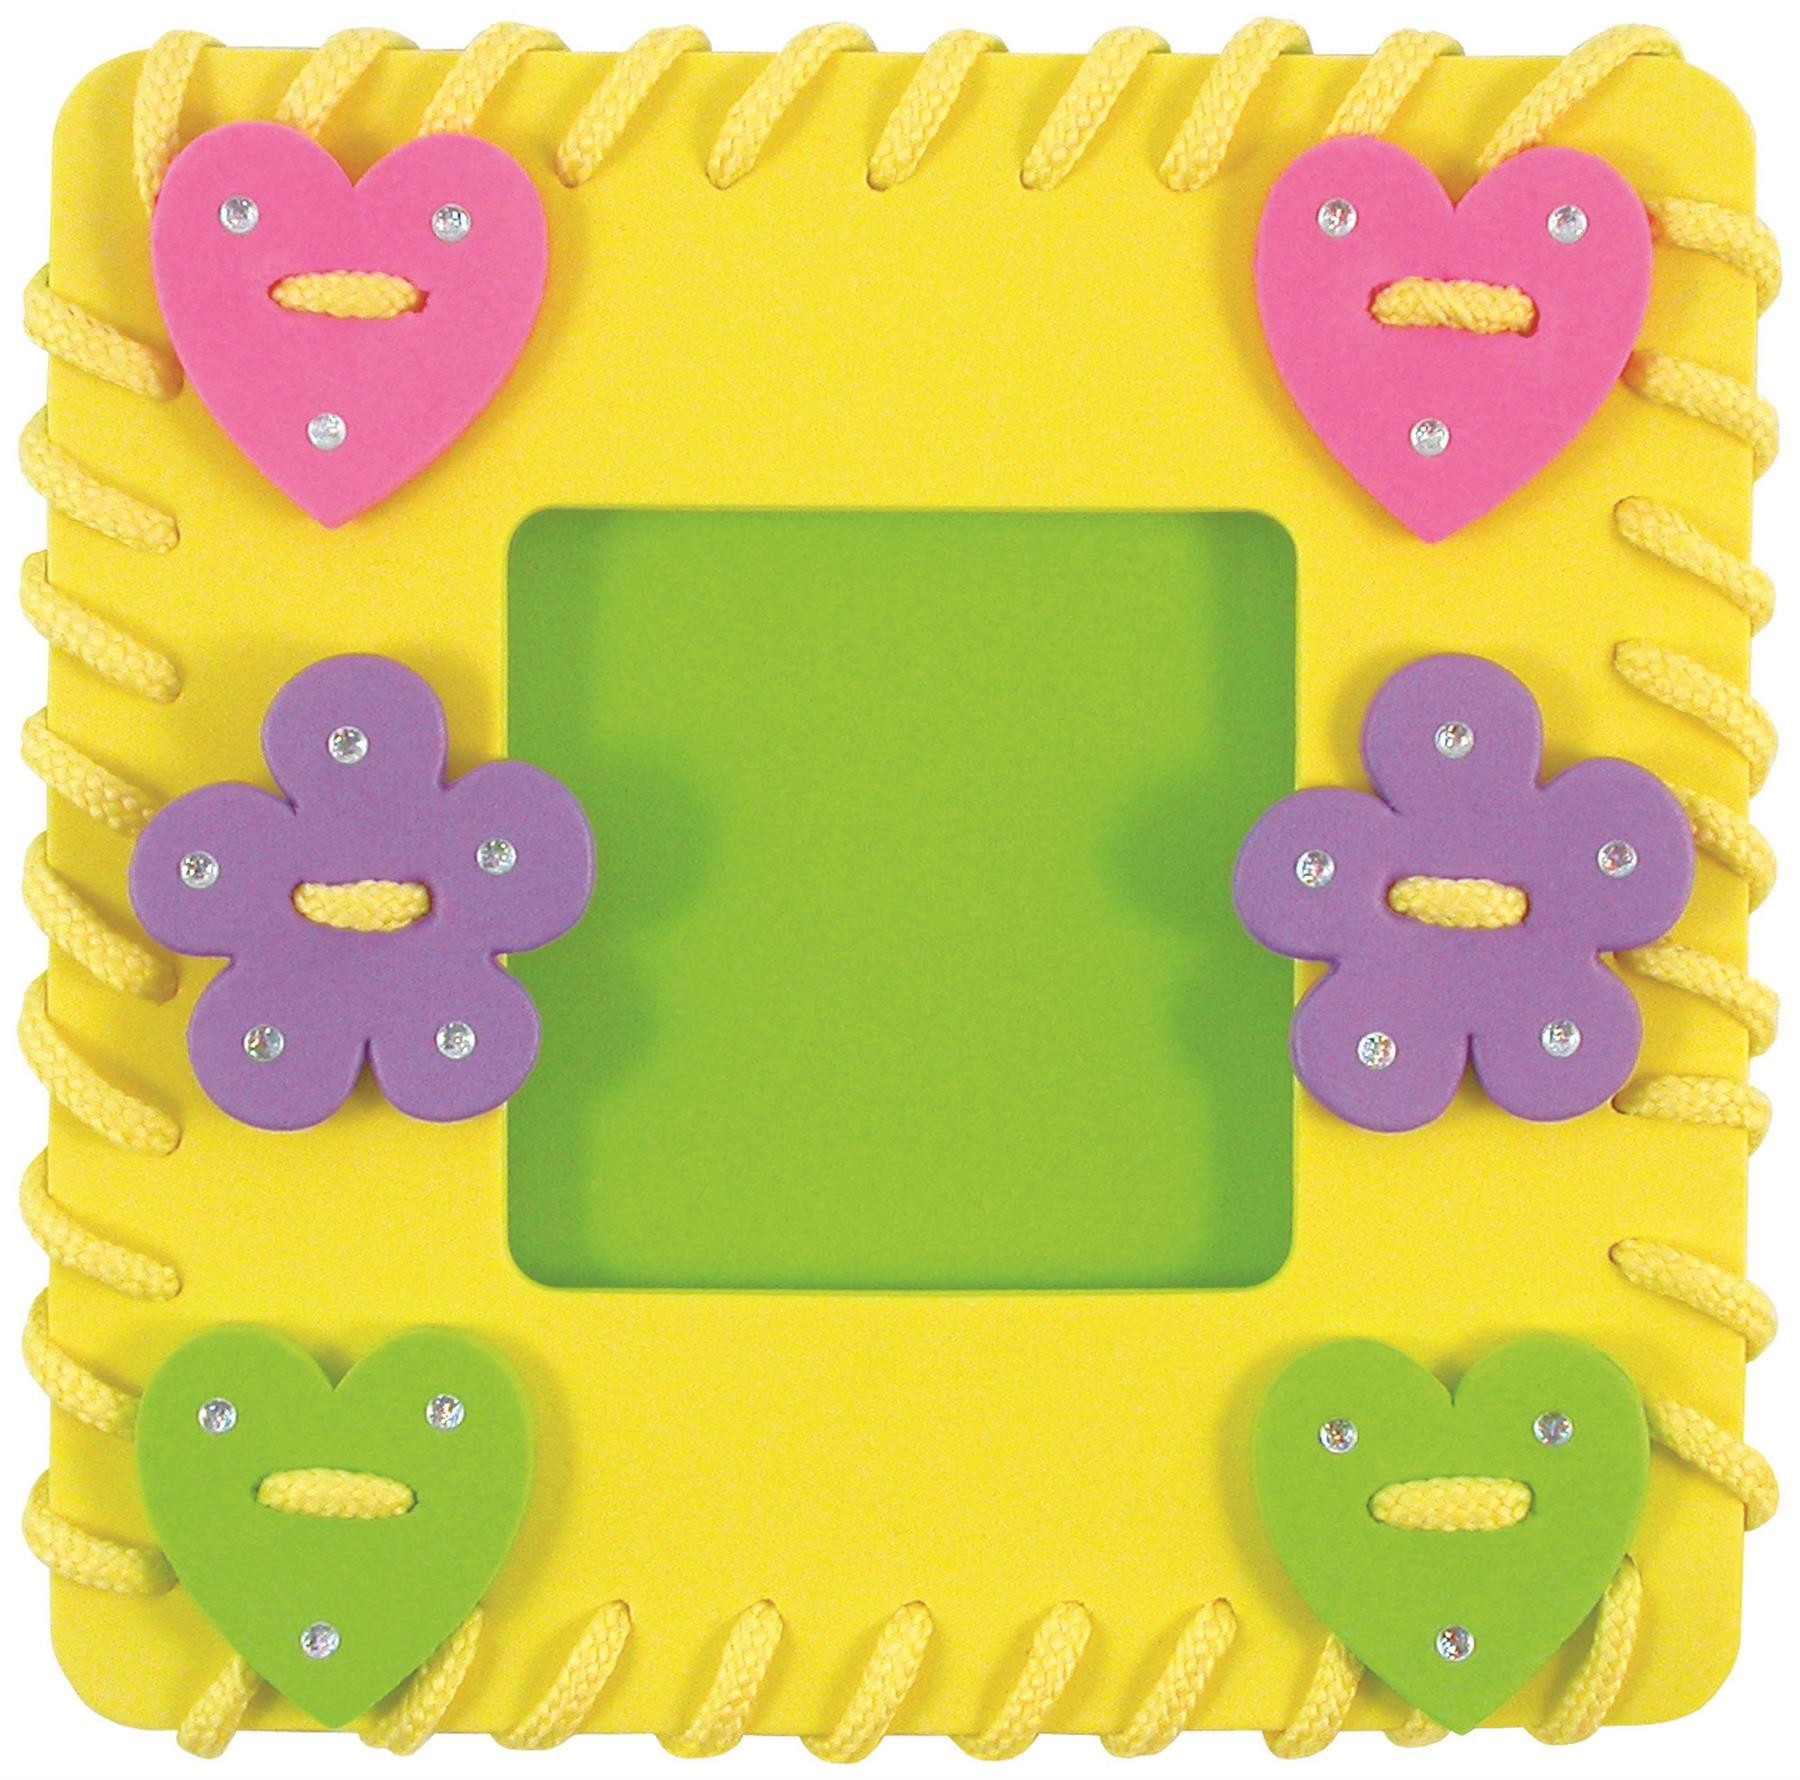 Galt FIRST SEWING Kids Art Craft Toy BNIP